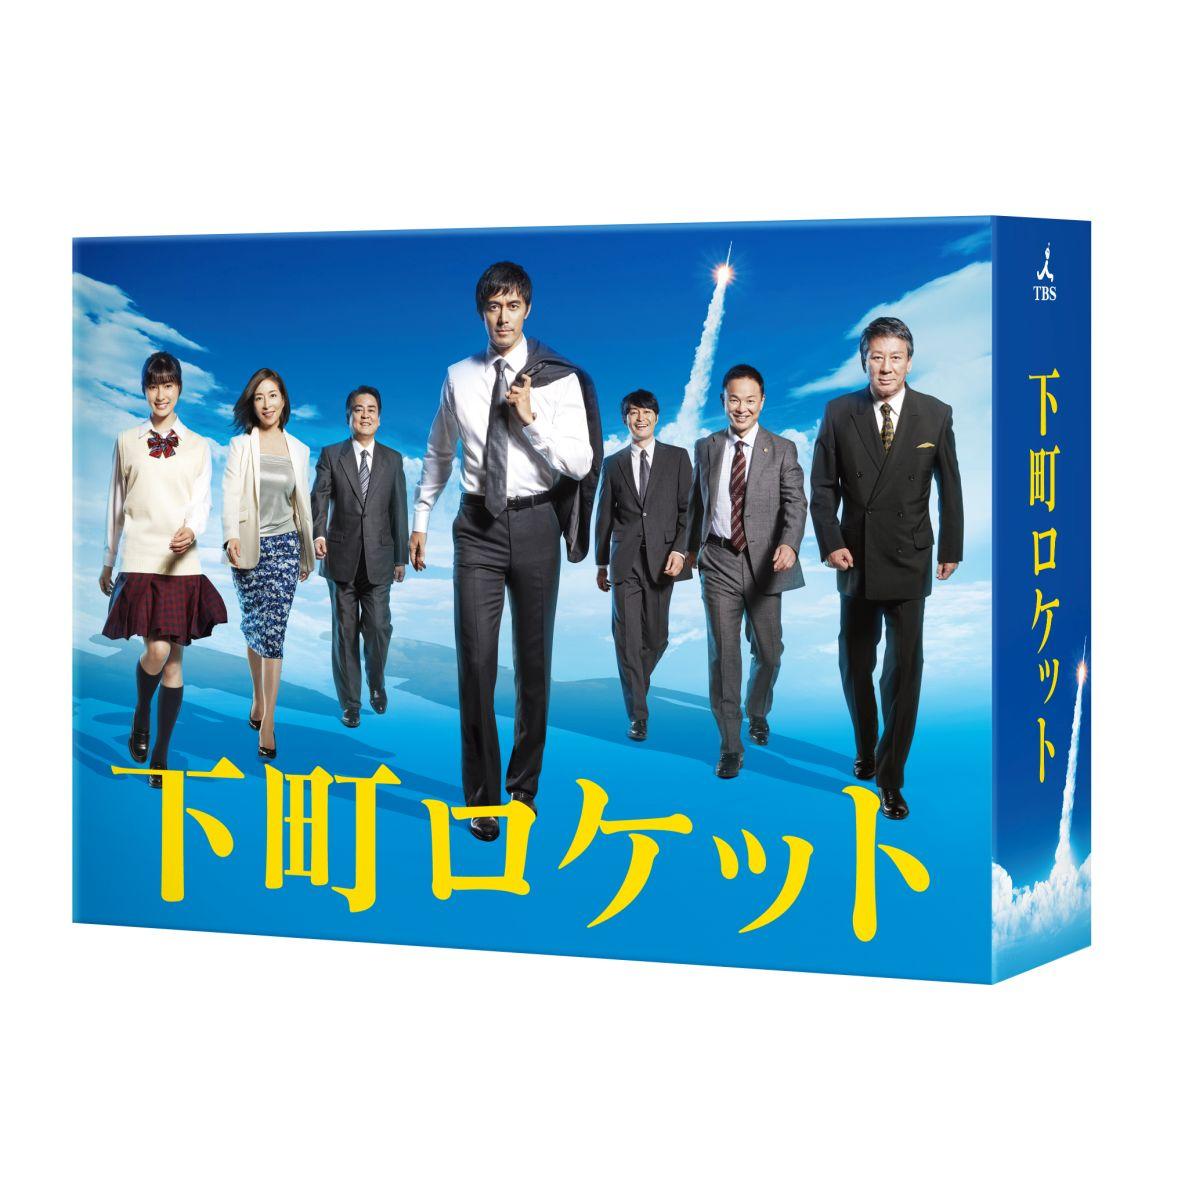 下町ロケット -ディレクターズカット版ー DVD-BOX [ 阿部寛 ]